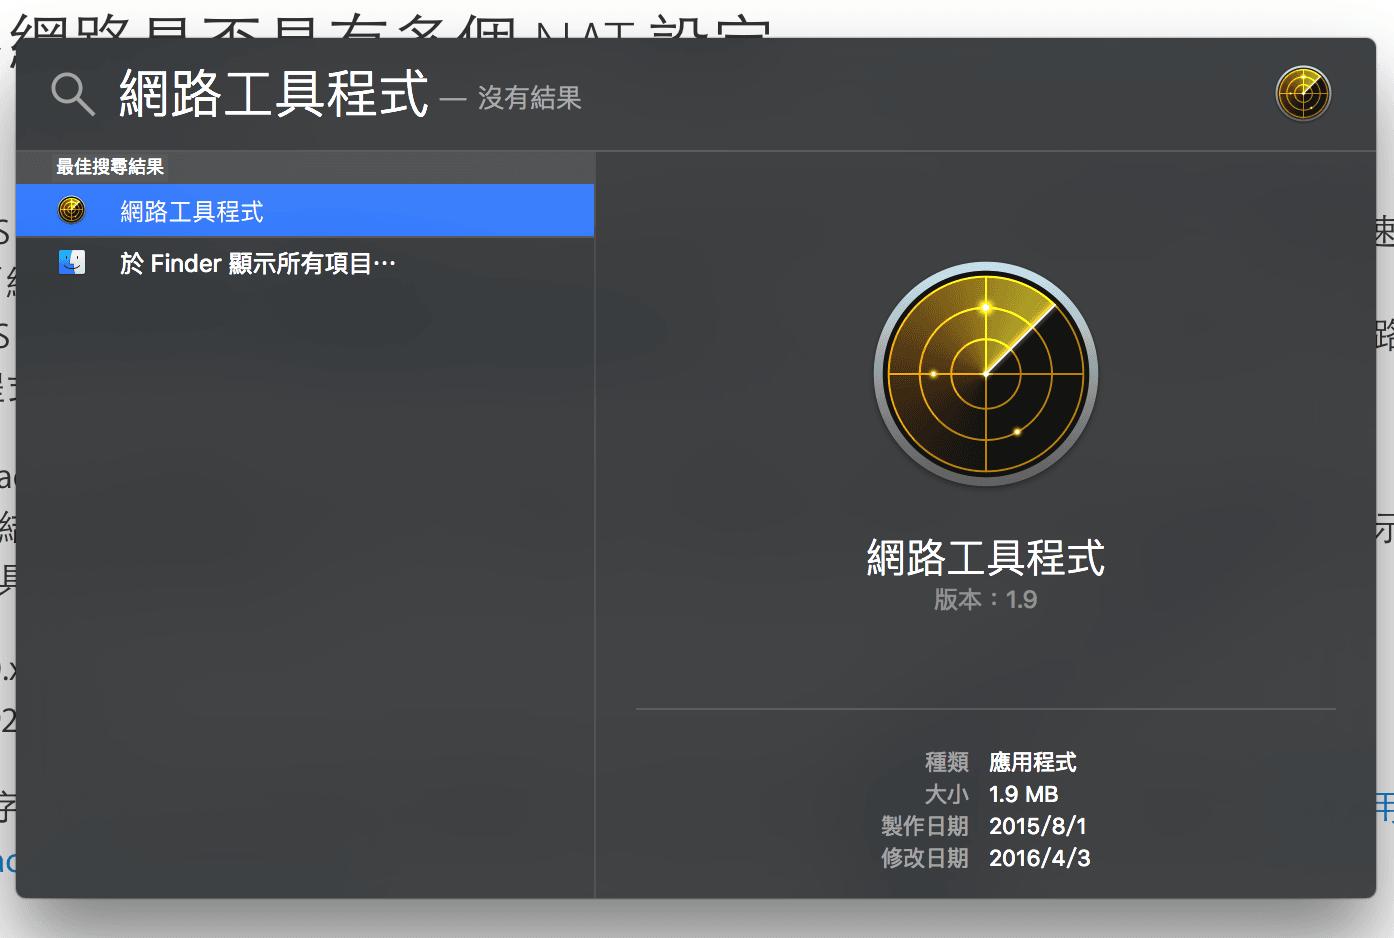 蘋果電腦「網路工具程式」。